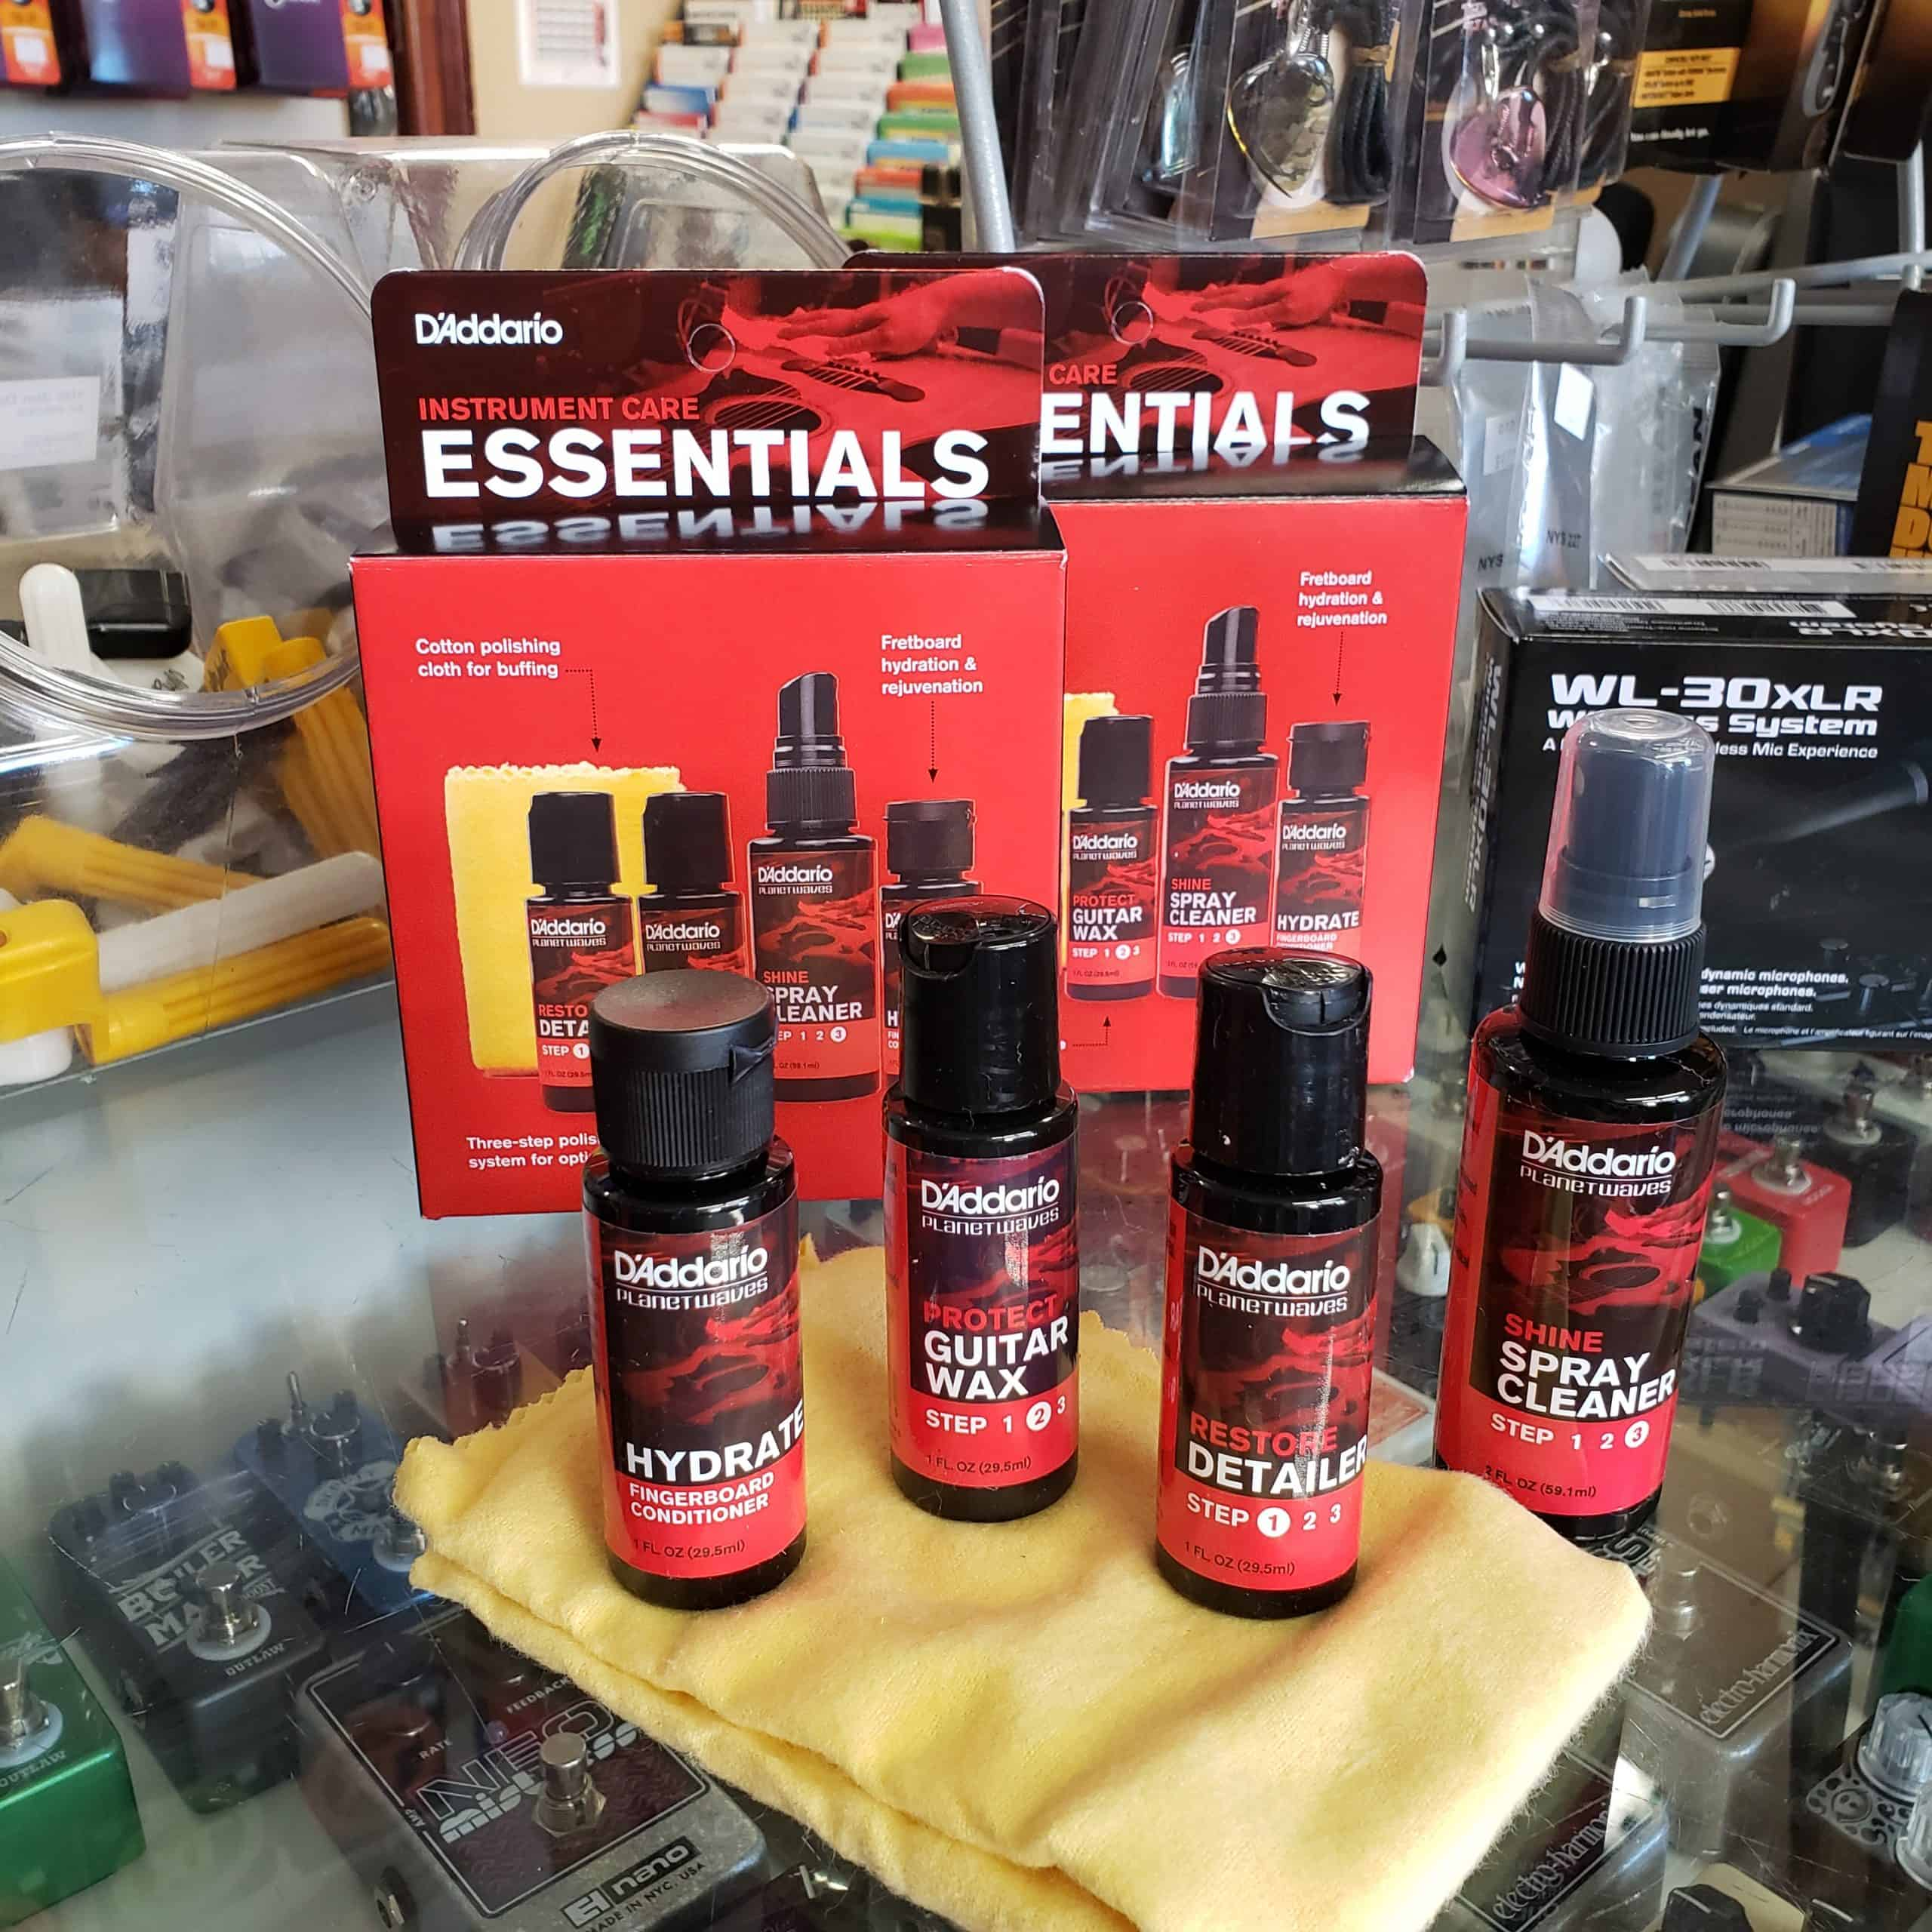 D'Addario Essentials Instrument Care Kit